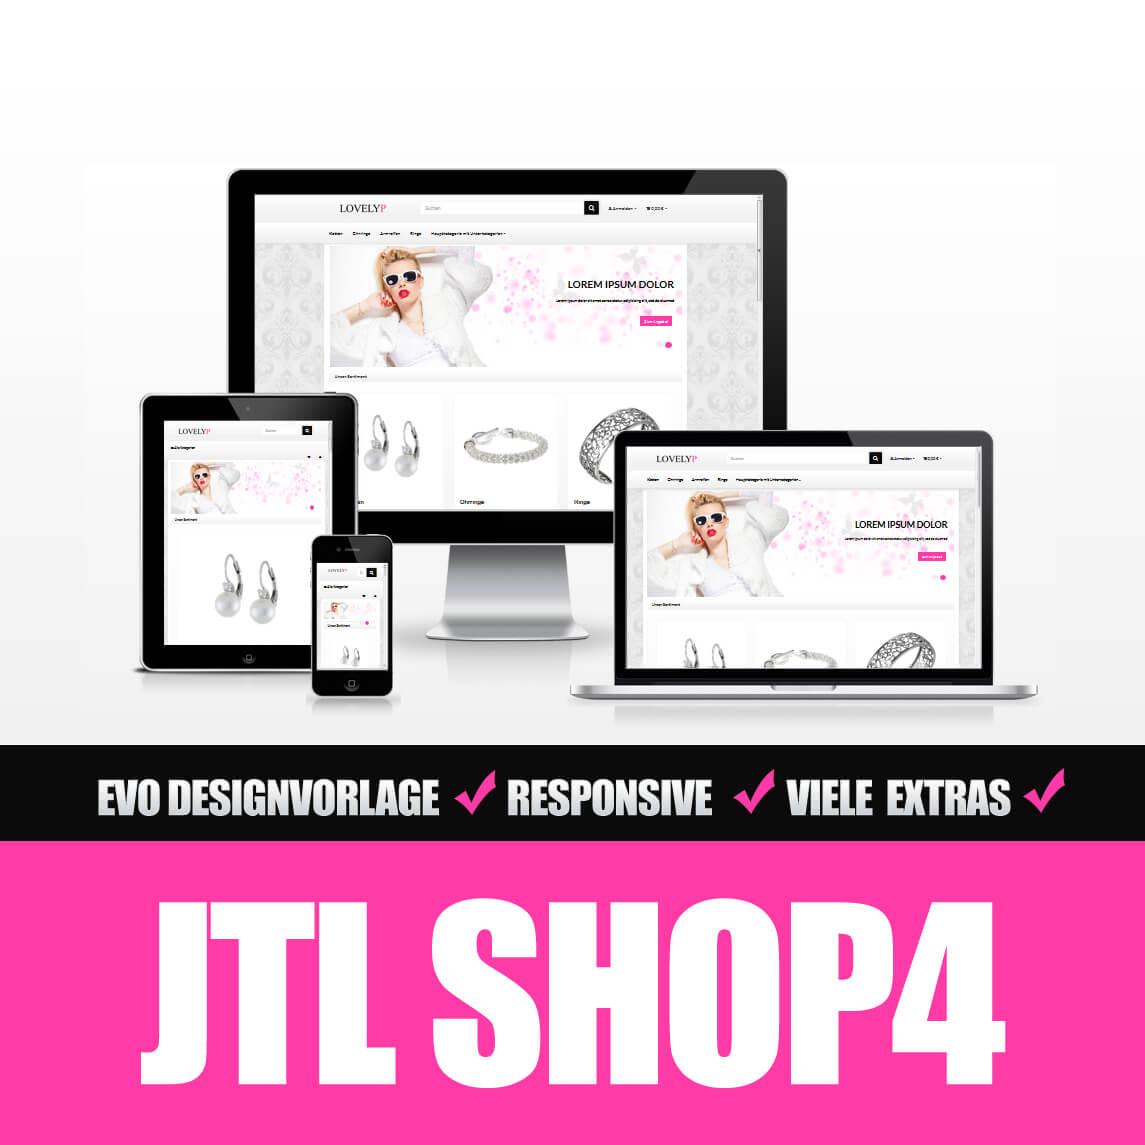 JTL Shop4 Template #2-5